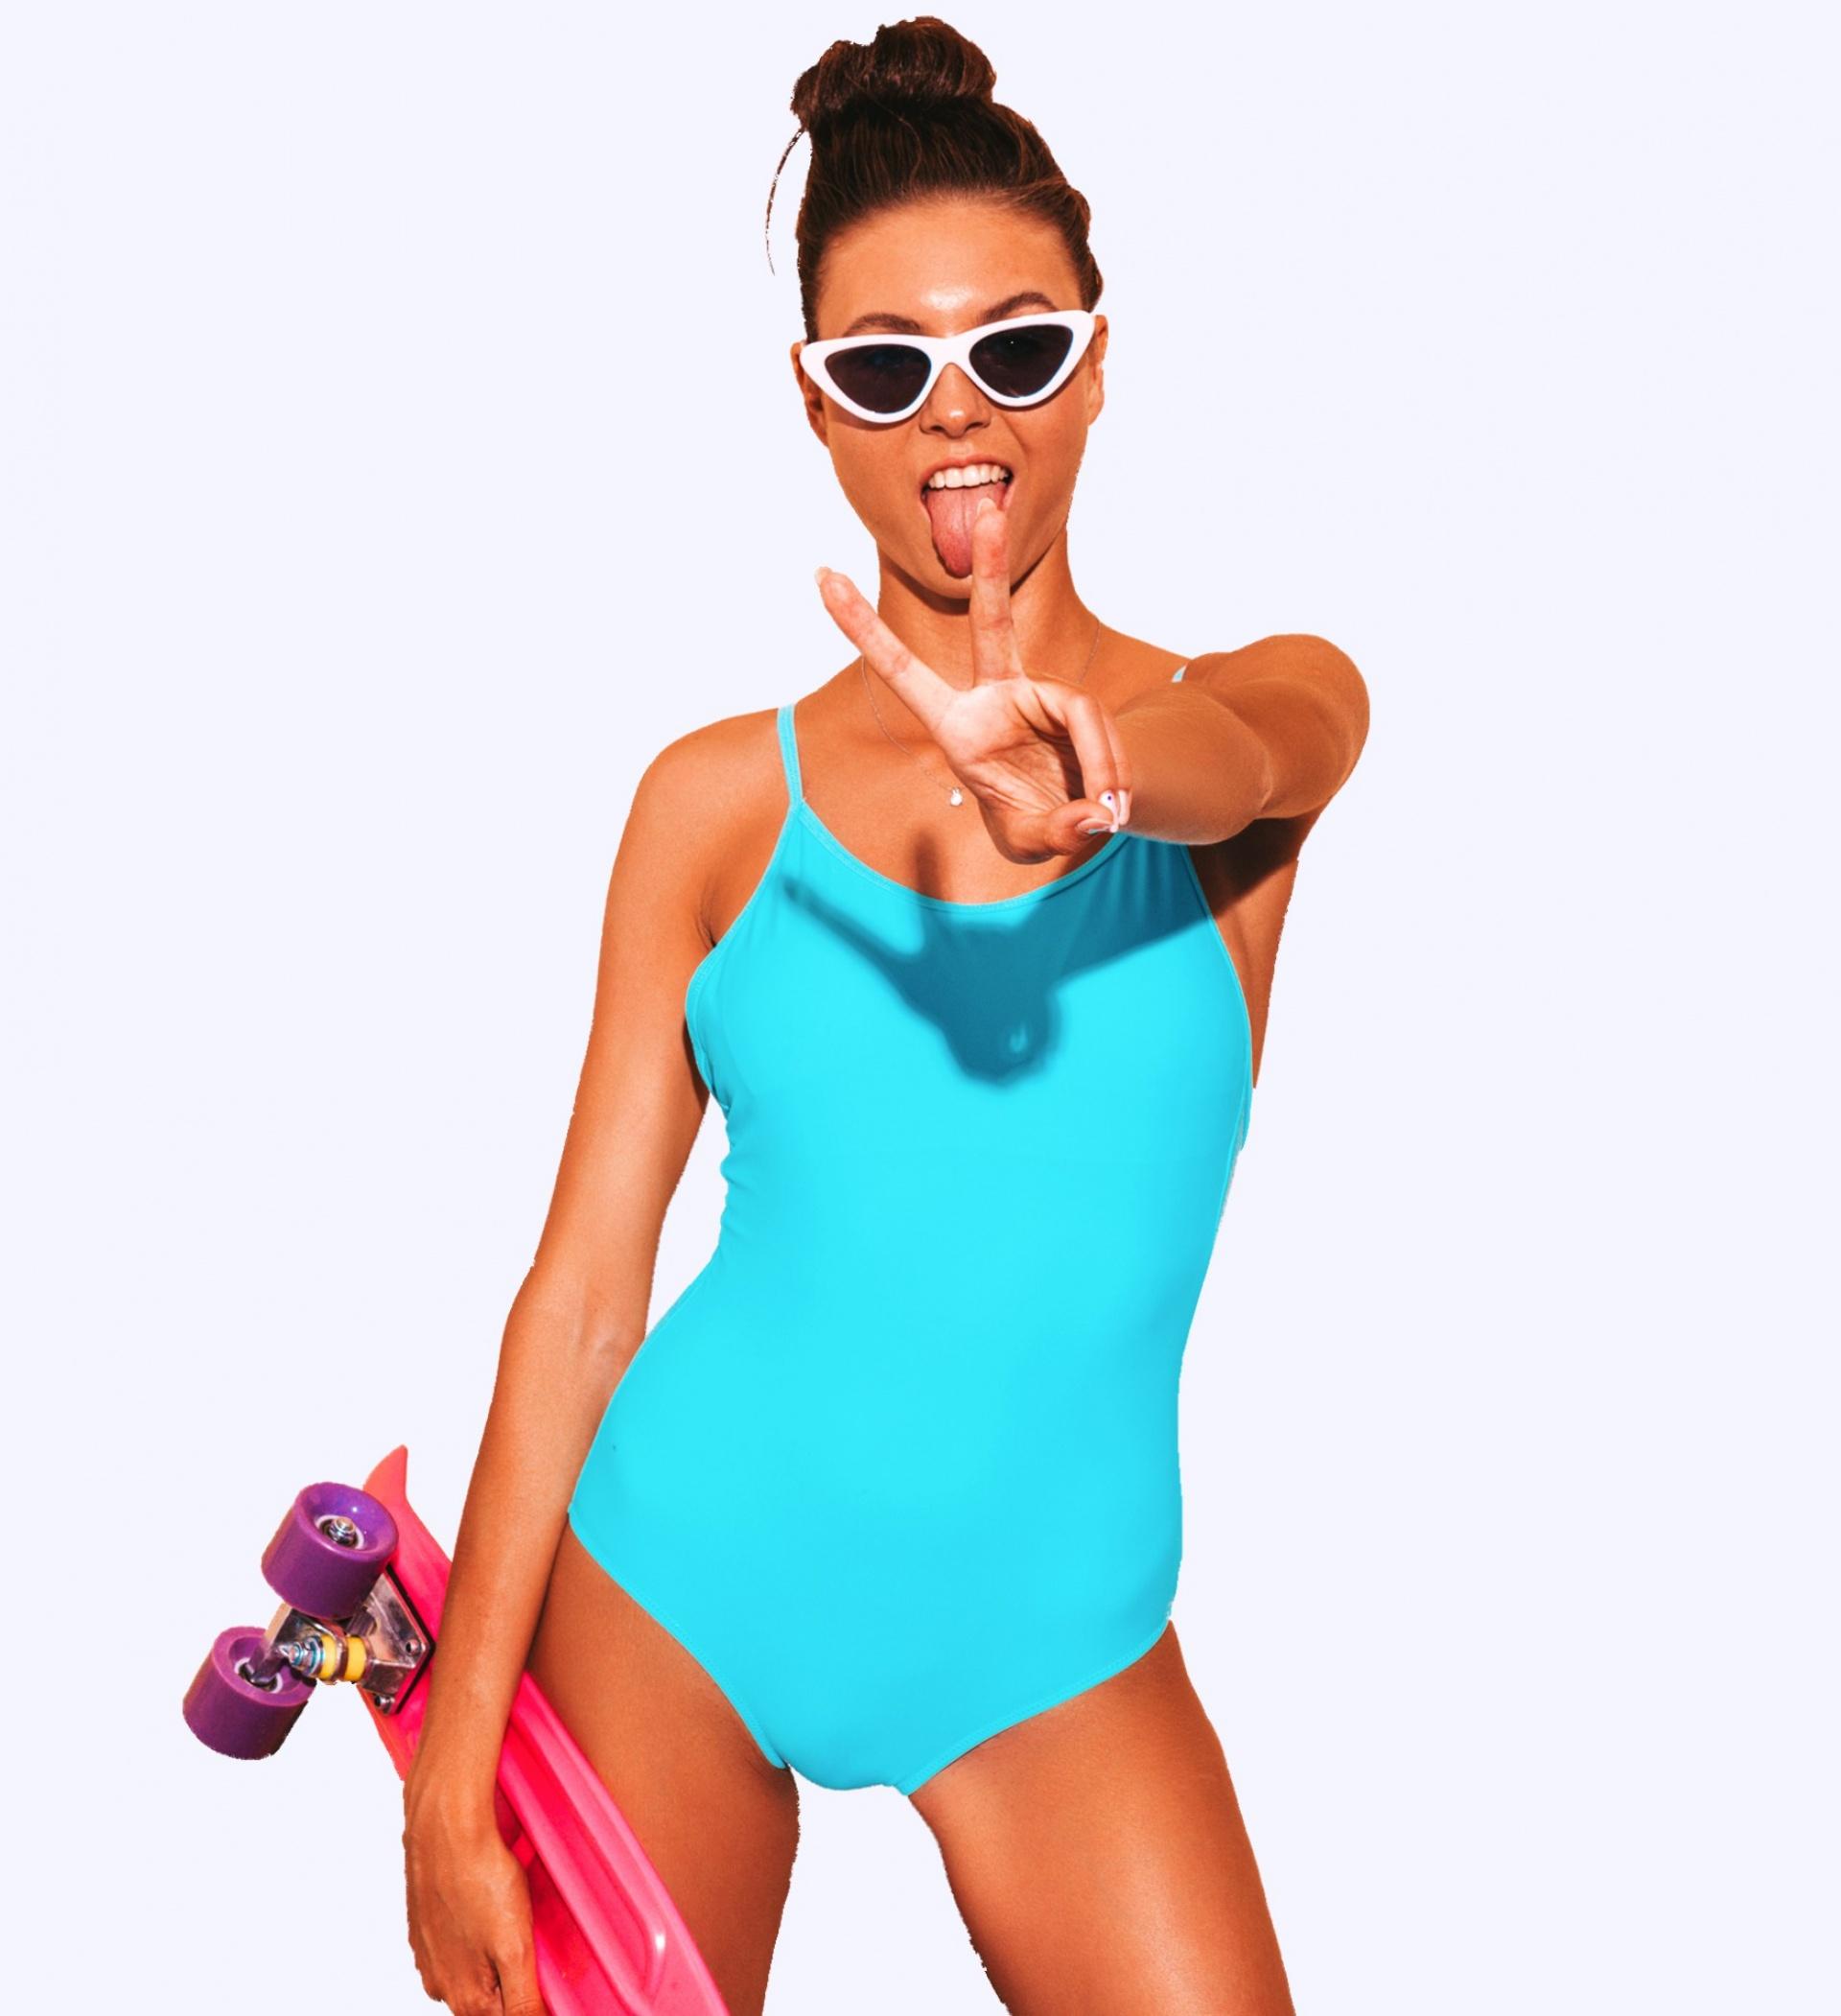 swimwear skater girl peace sign